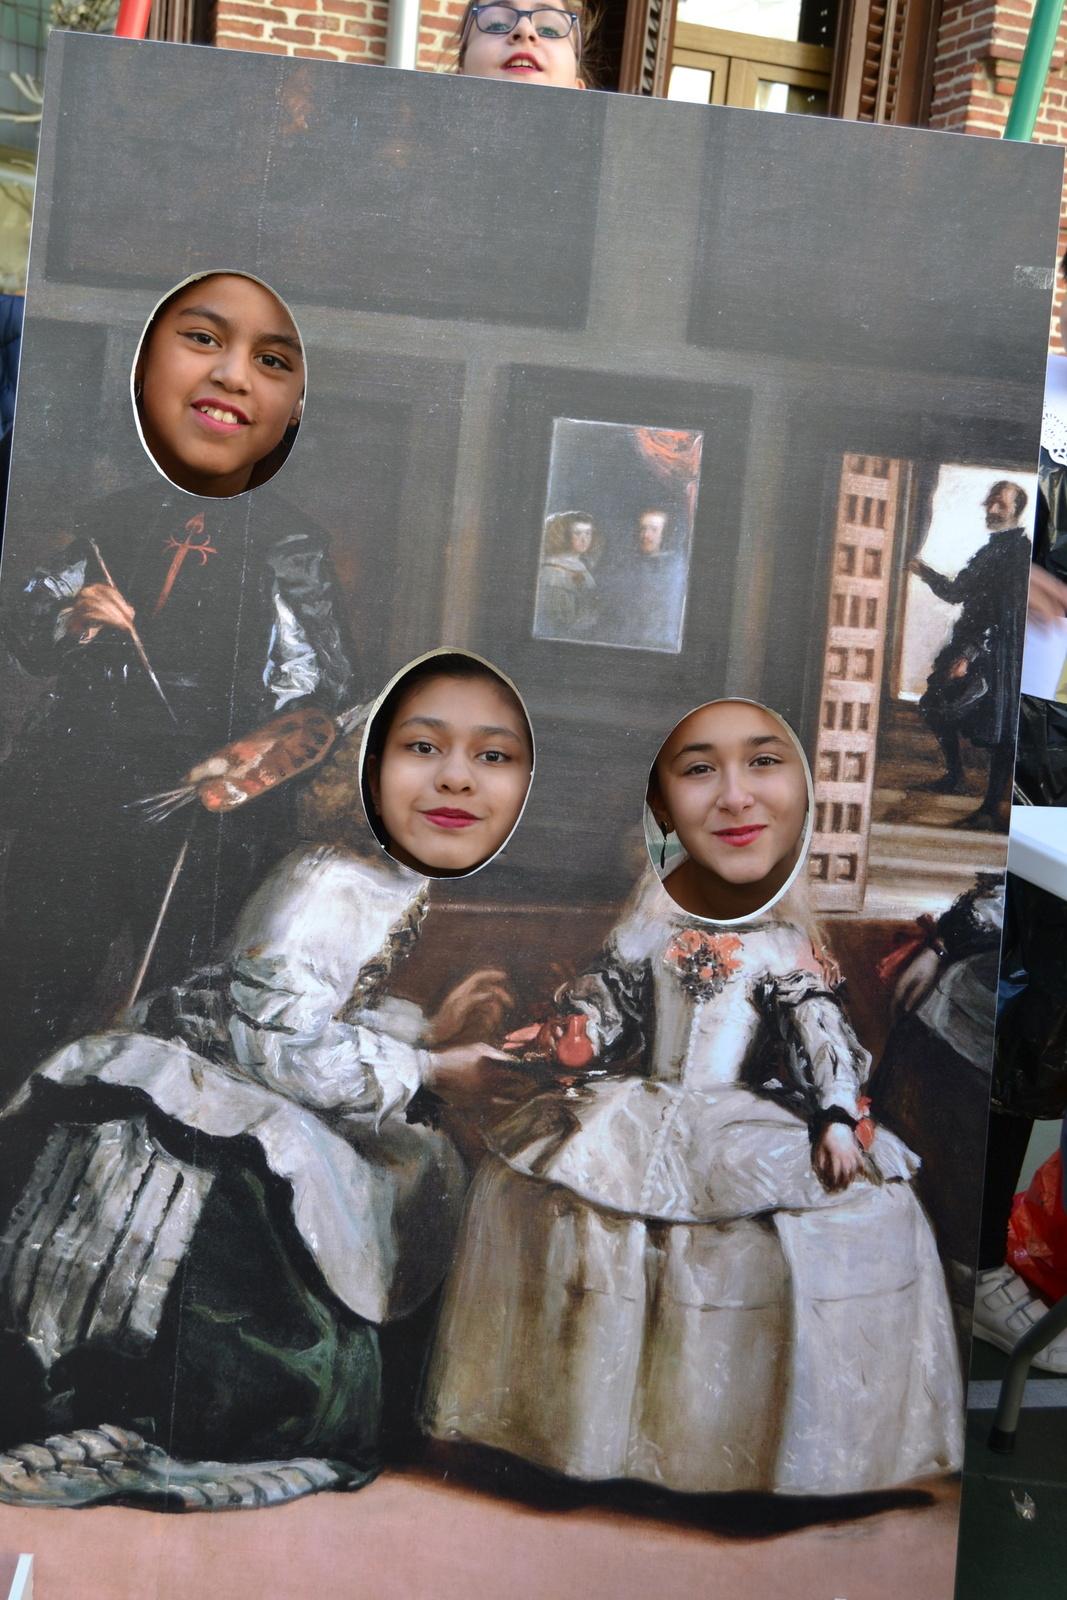 Jornadas Culturales y Depoortivas 2018 Exposiciones 1 27